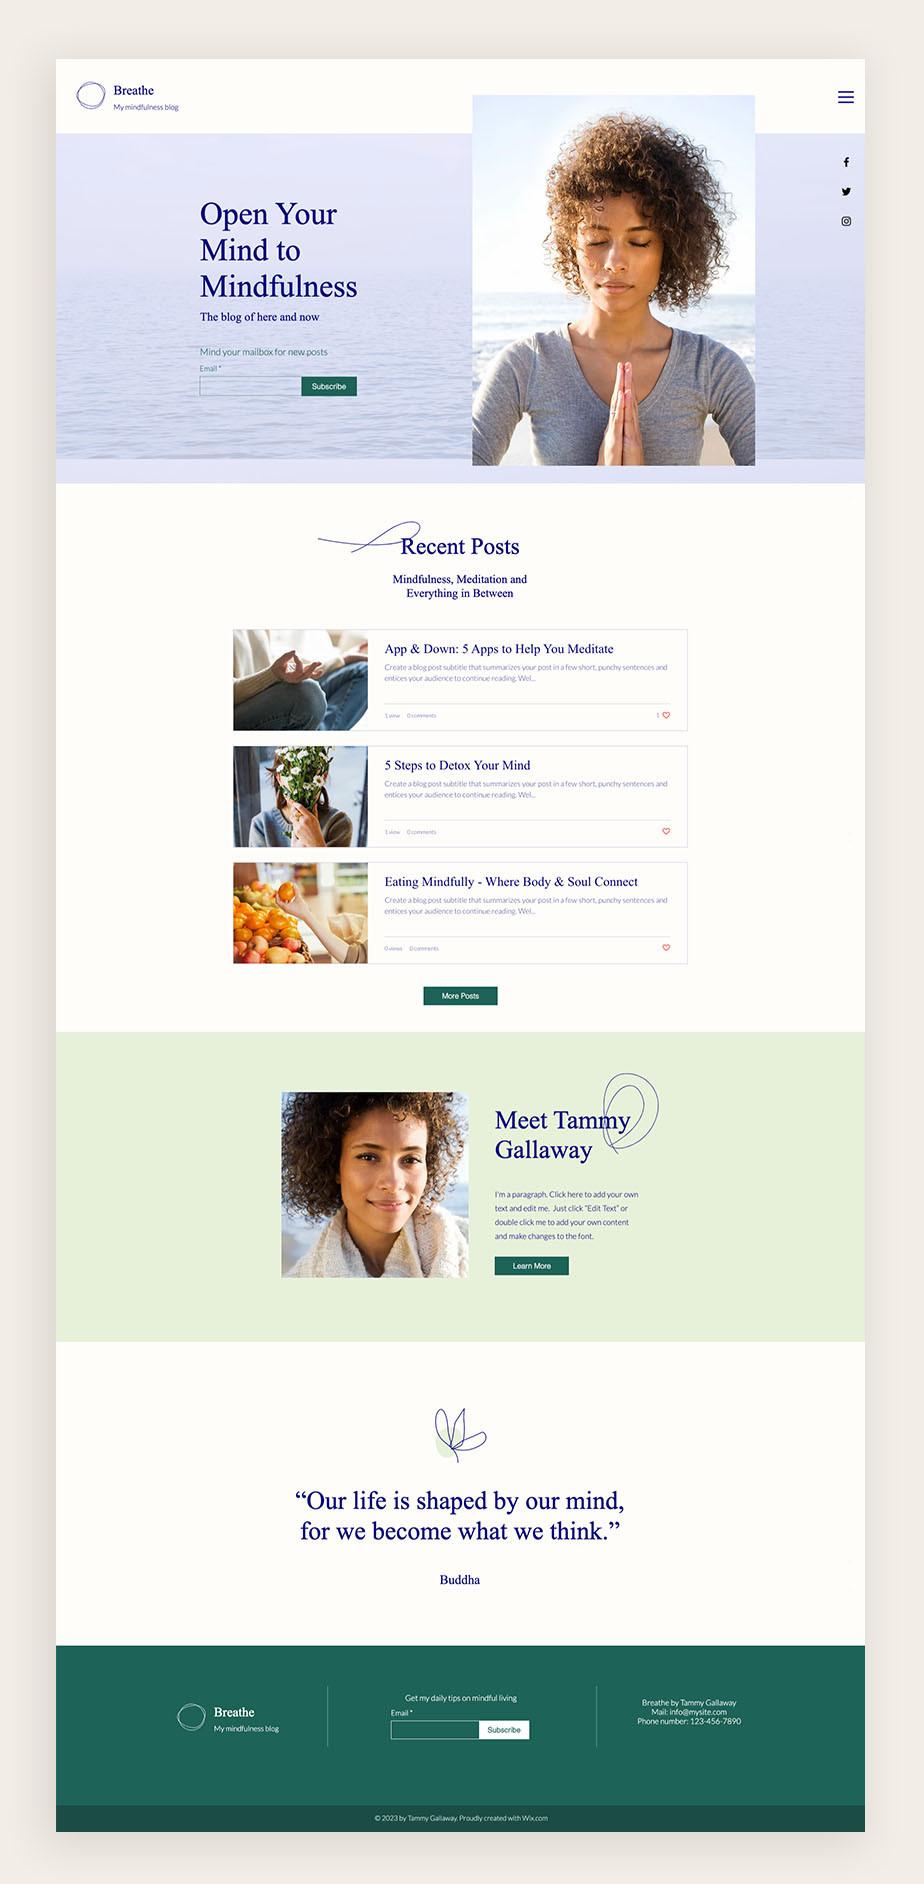 Пример блога для бизнеса